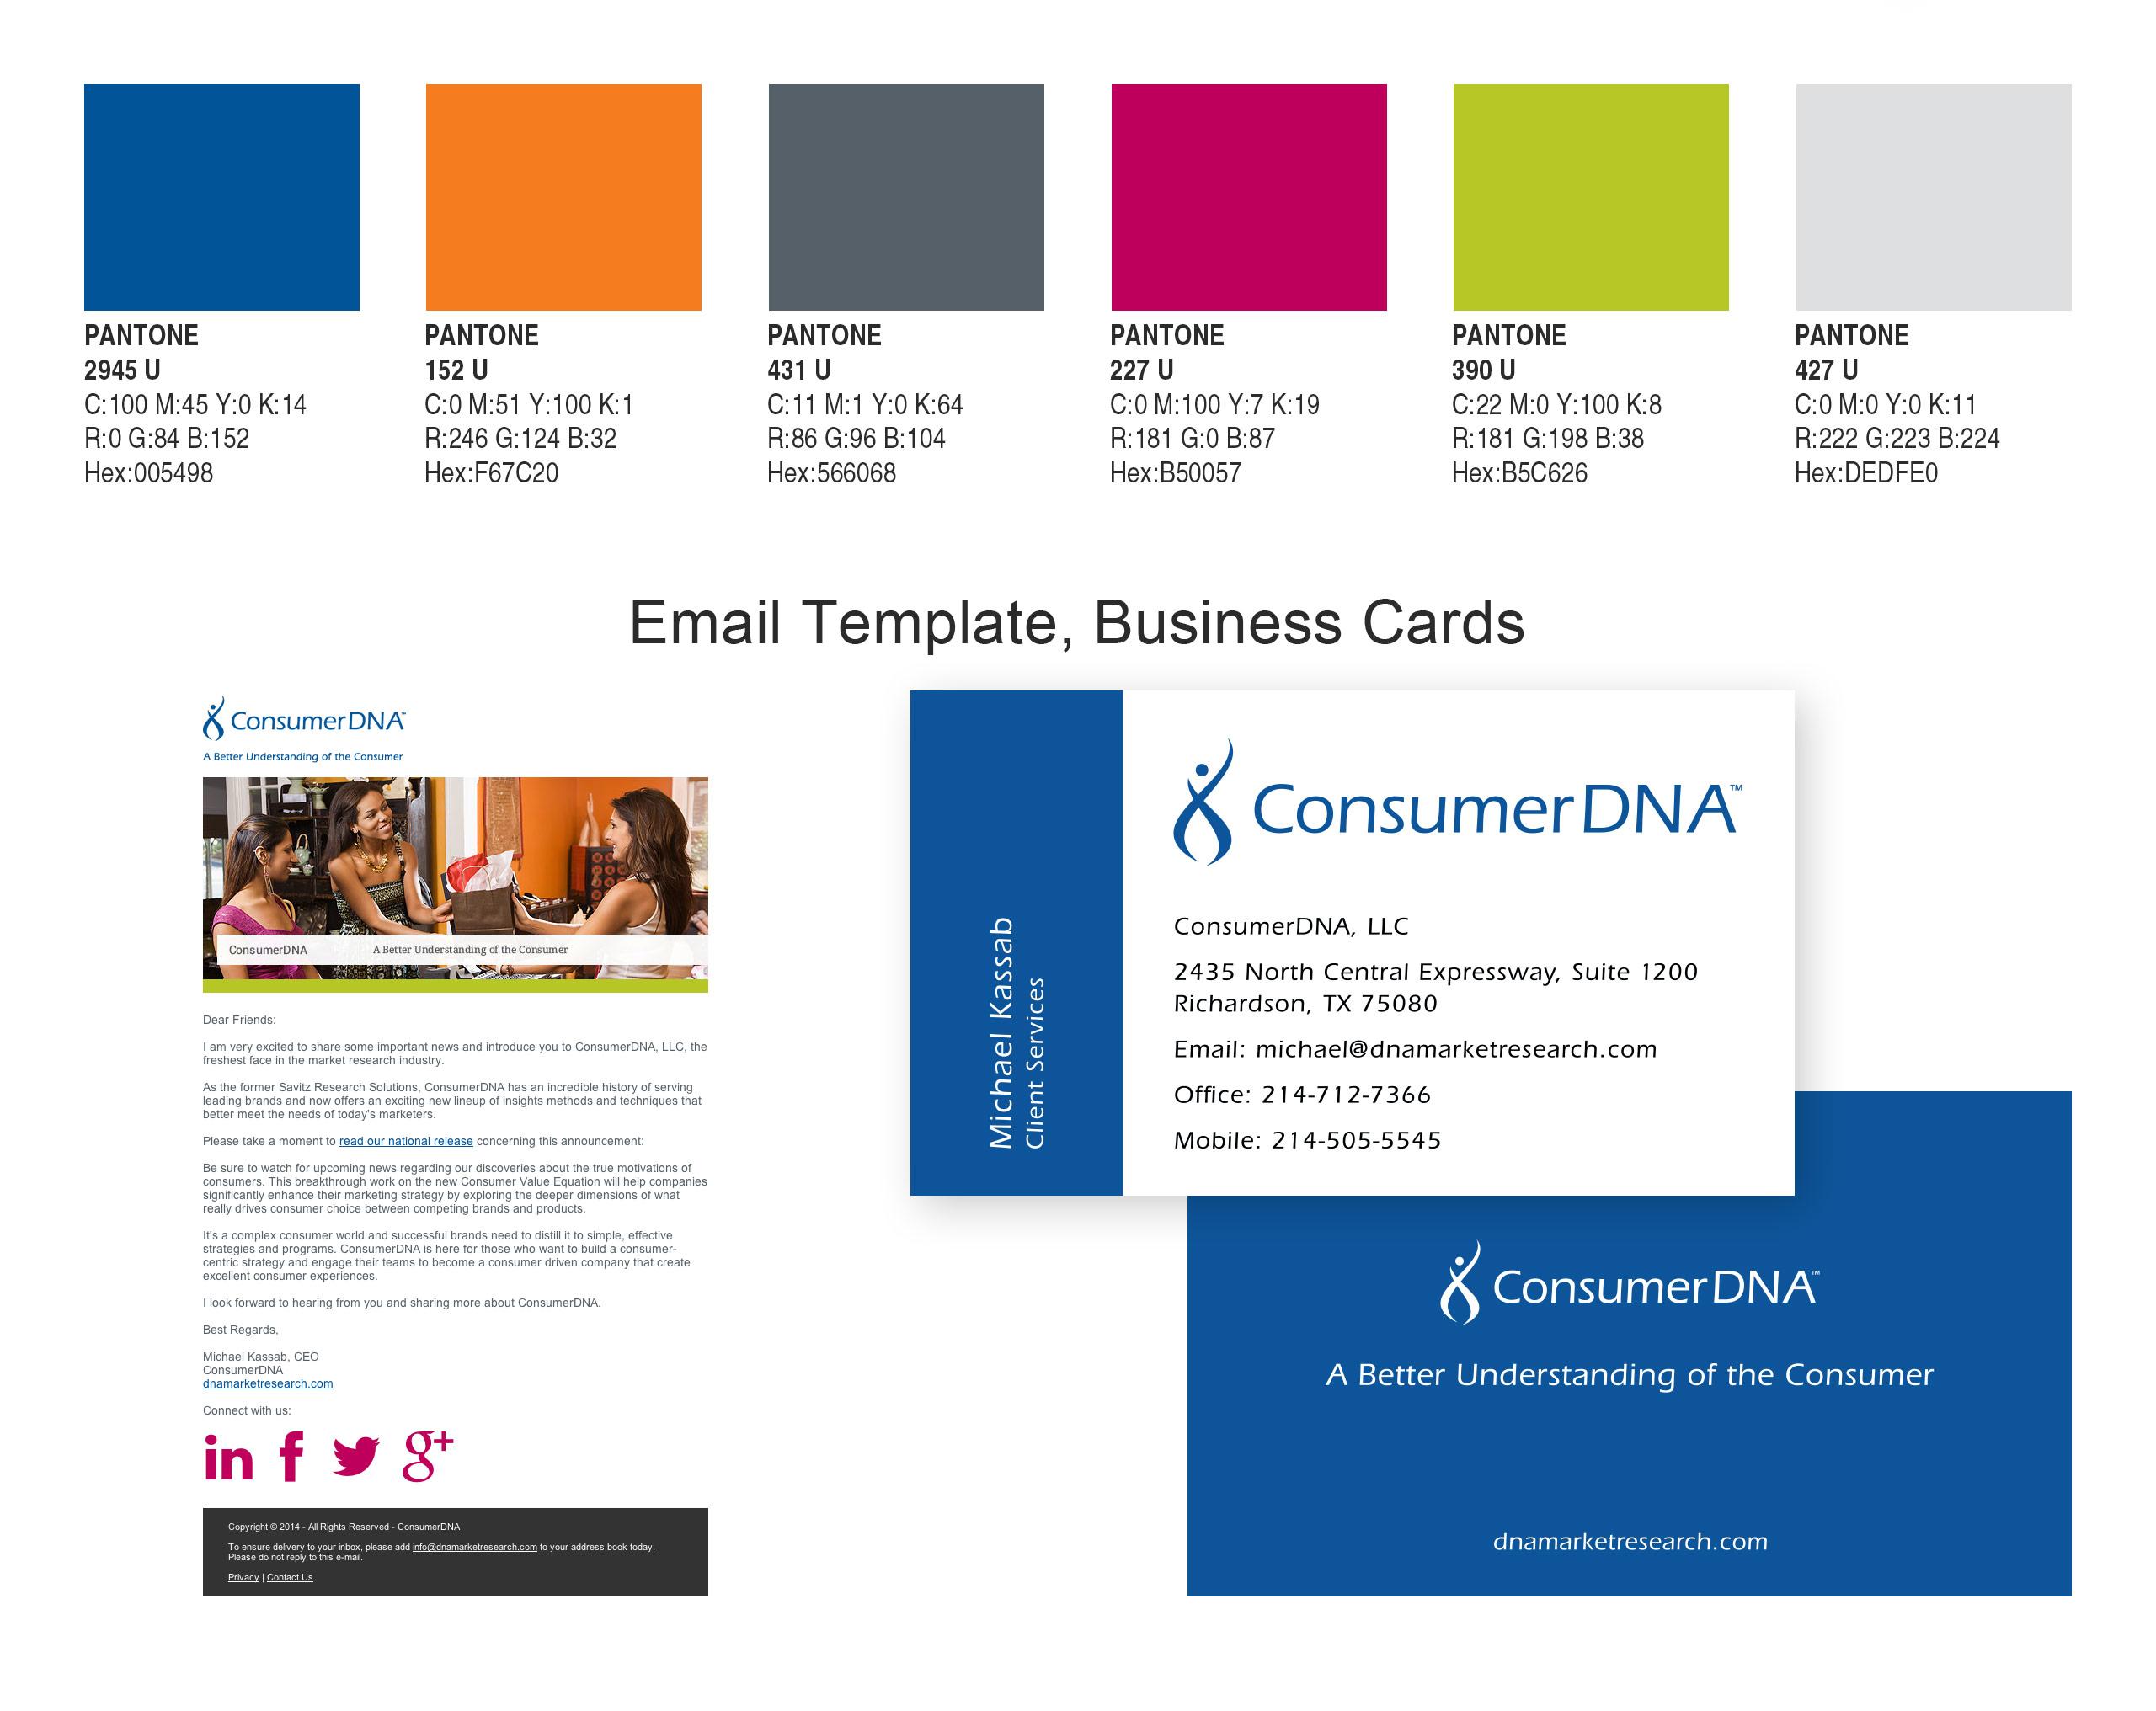 consumerdna business cards